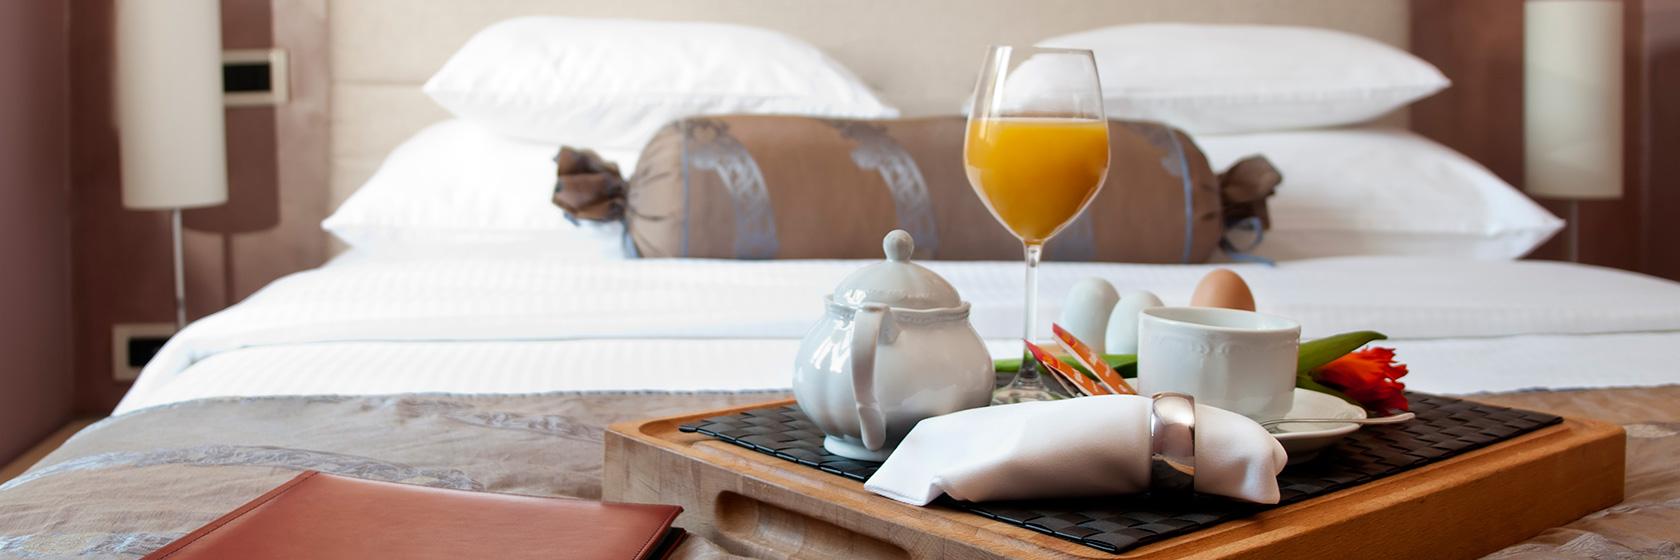 Los mejores hoteles de en Mutxamel, España. ¡Precios increíbles!